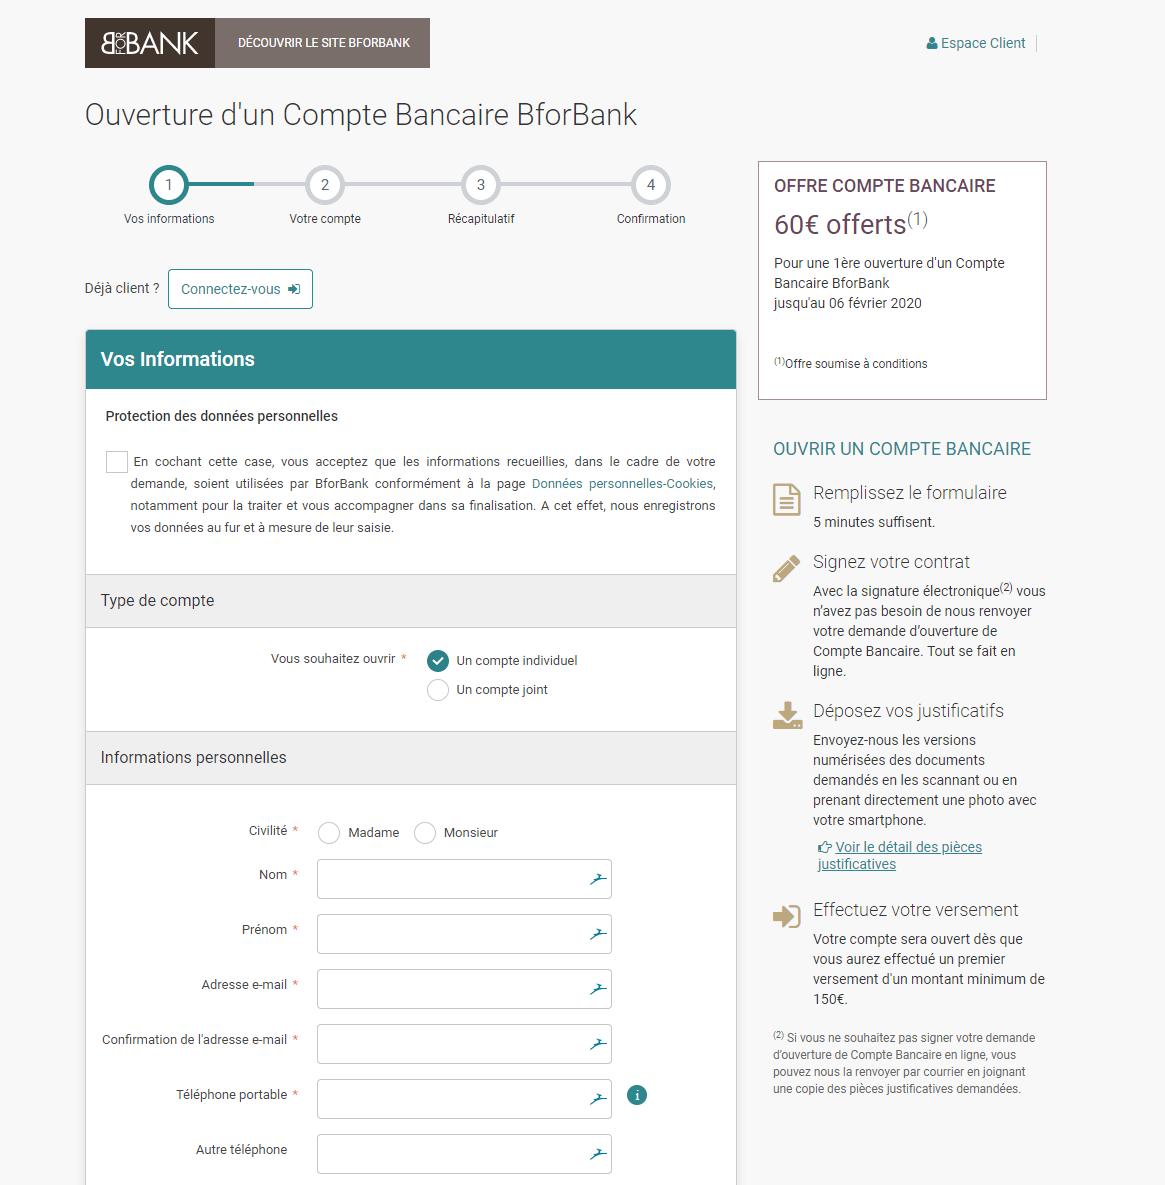 L'ouverture du compte en banque se fait uniquement sur le site web. L'application mobile ne le permet pas.